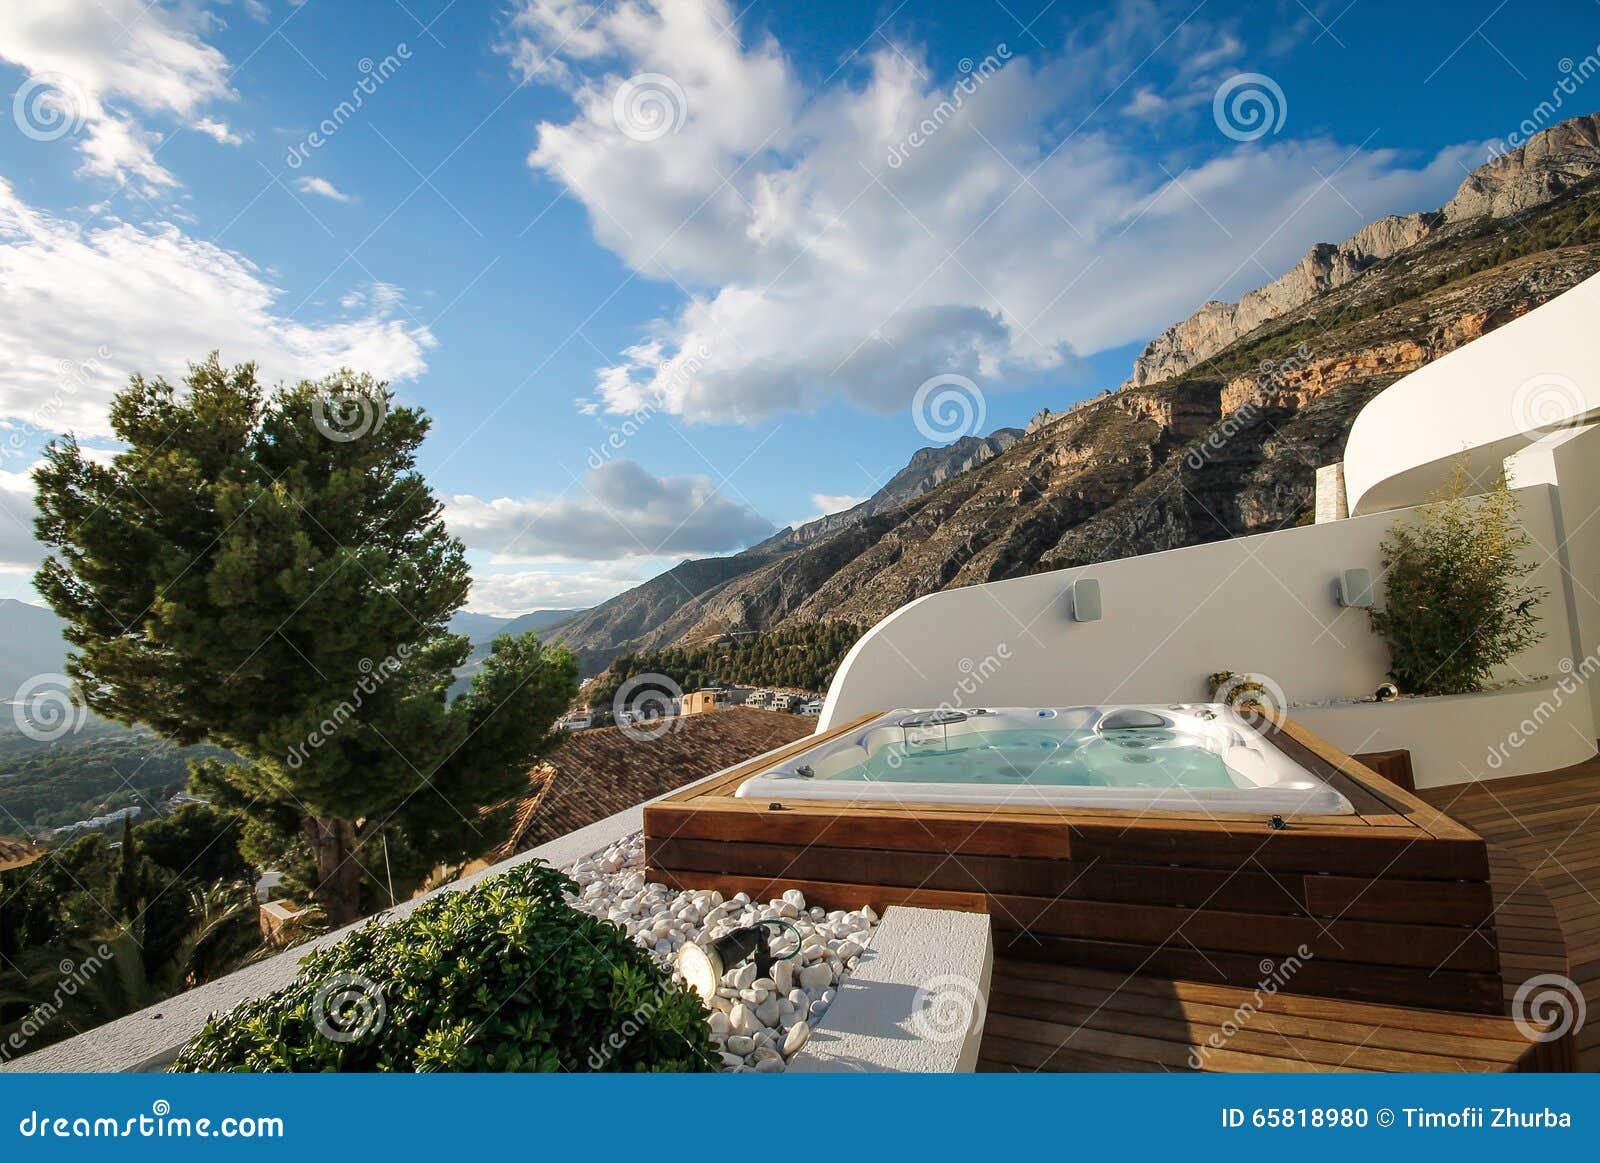 Jacuzzi En La Terraza Al Aire Libre Con Visiones Panorámicas